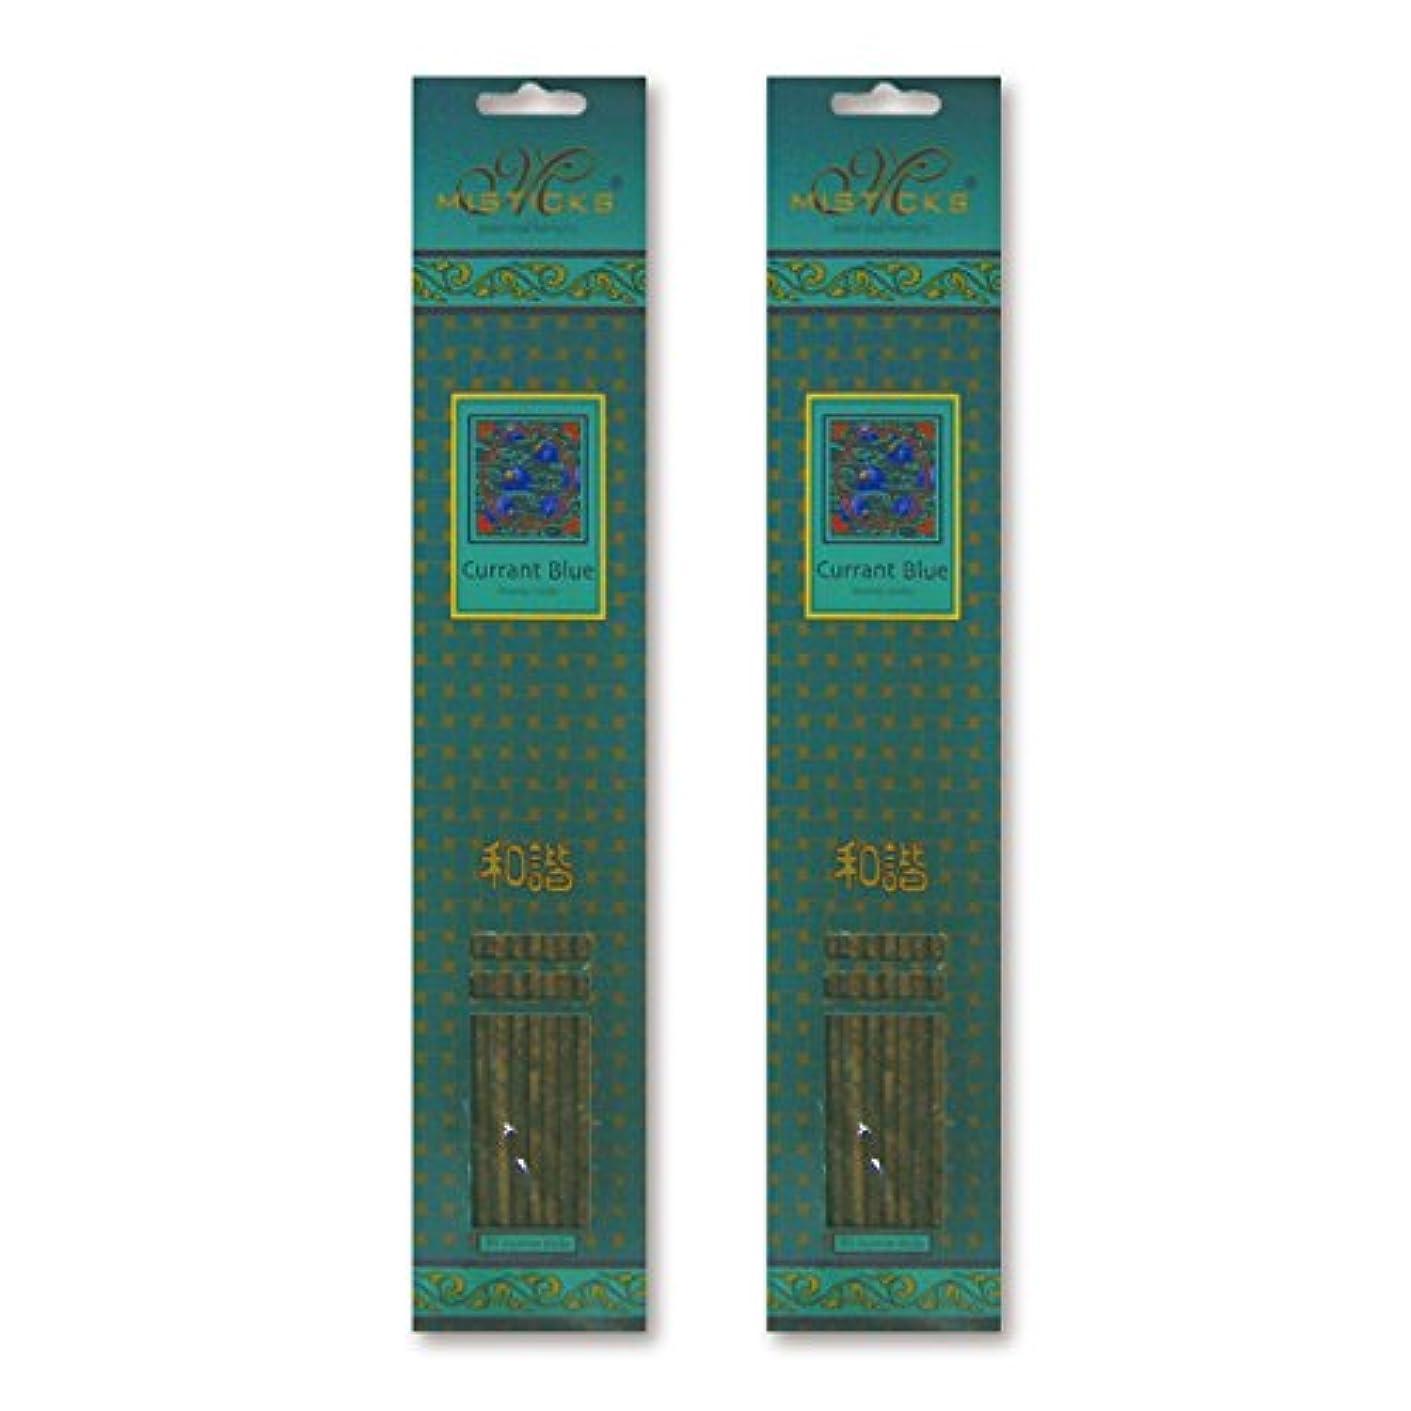 リラックスしたフォージ団結MISTICKS ミスティックス Currant Blue カラントブルー お香 20本 X 2パック (40本)